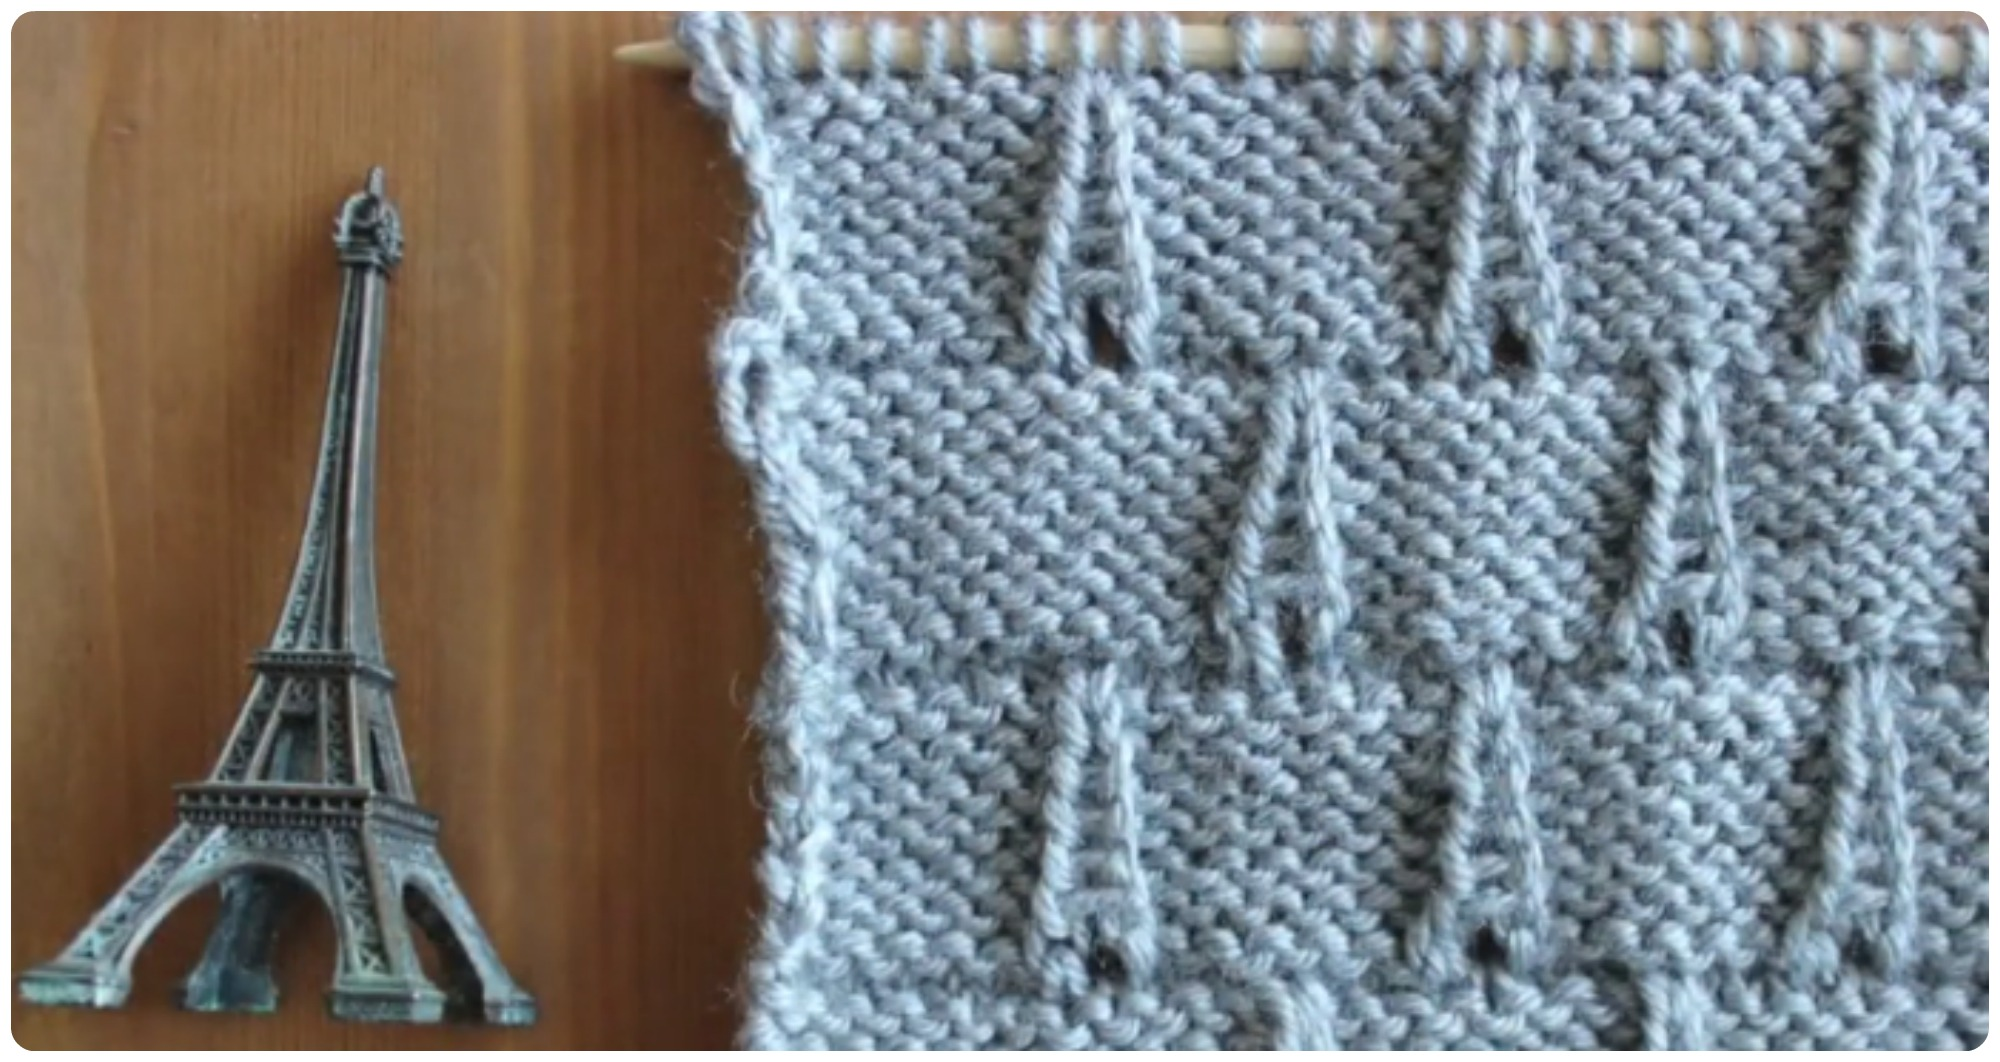 Eifel Tower Stitch